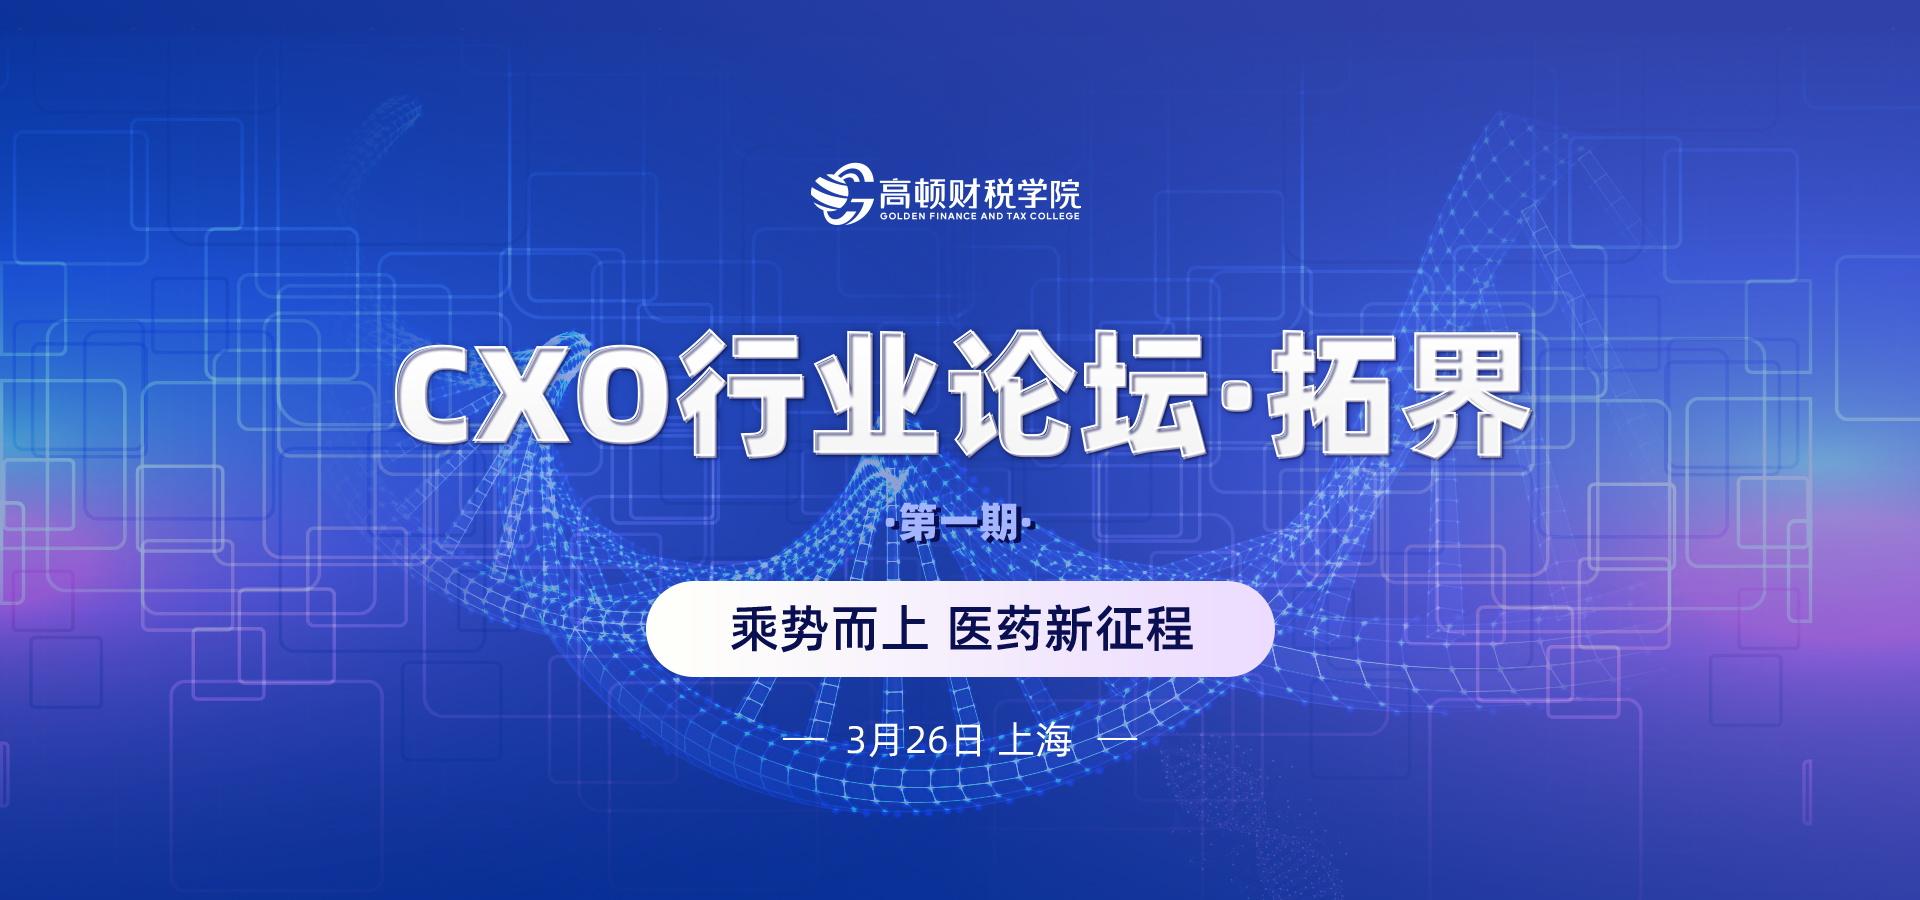 CXO行業論壇·拓界 第一期 乘勢而上,醫藥新征程